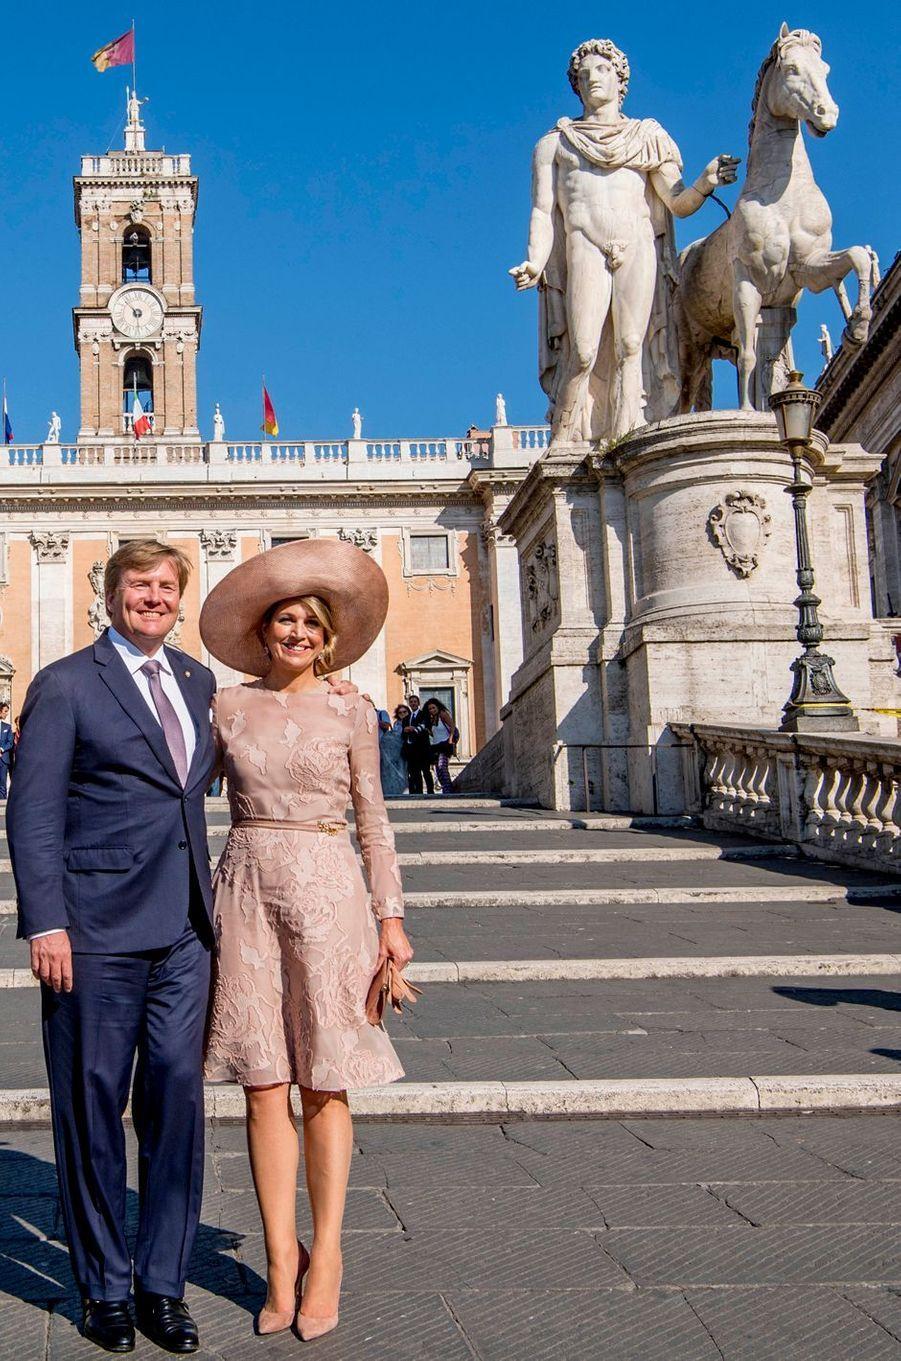 La reine Maxima et le roi Willem-Alexander des Pays-Bas à Rome, le 20 juin 2017